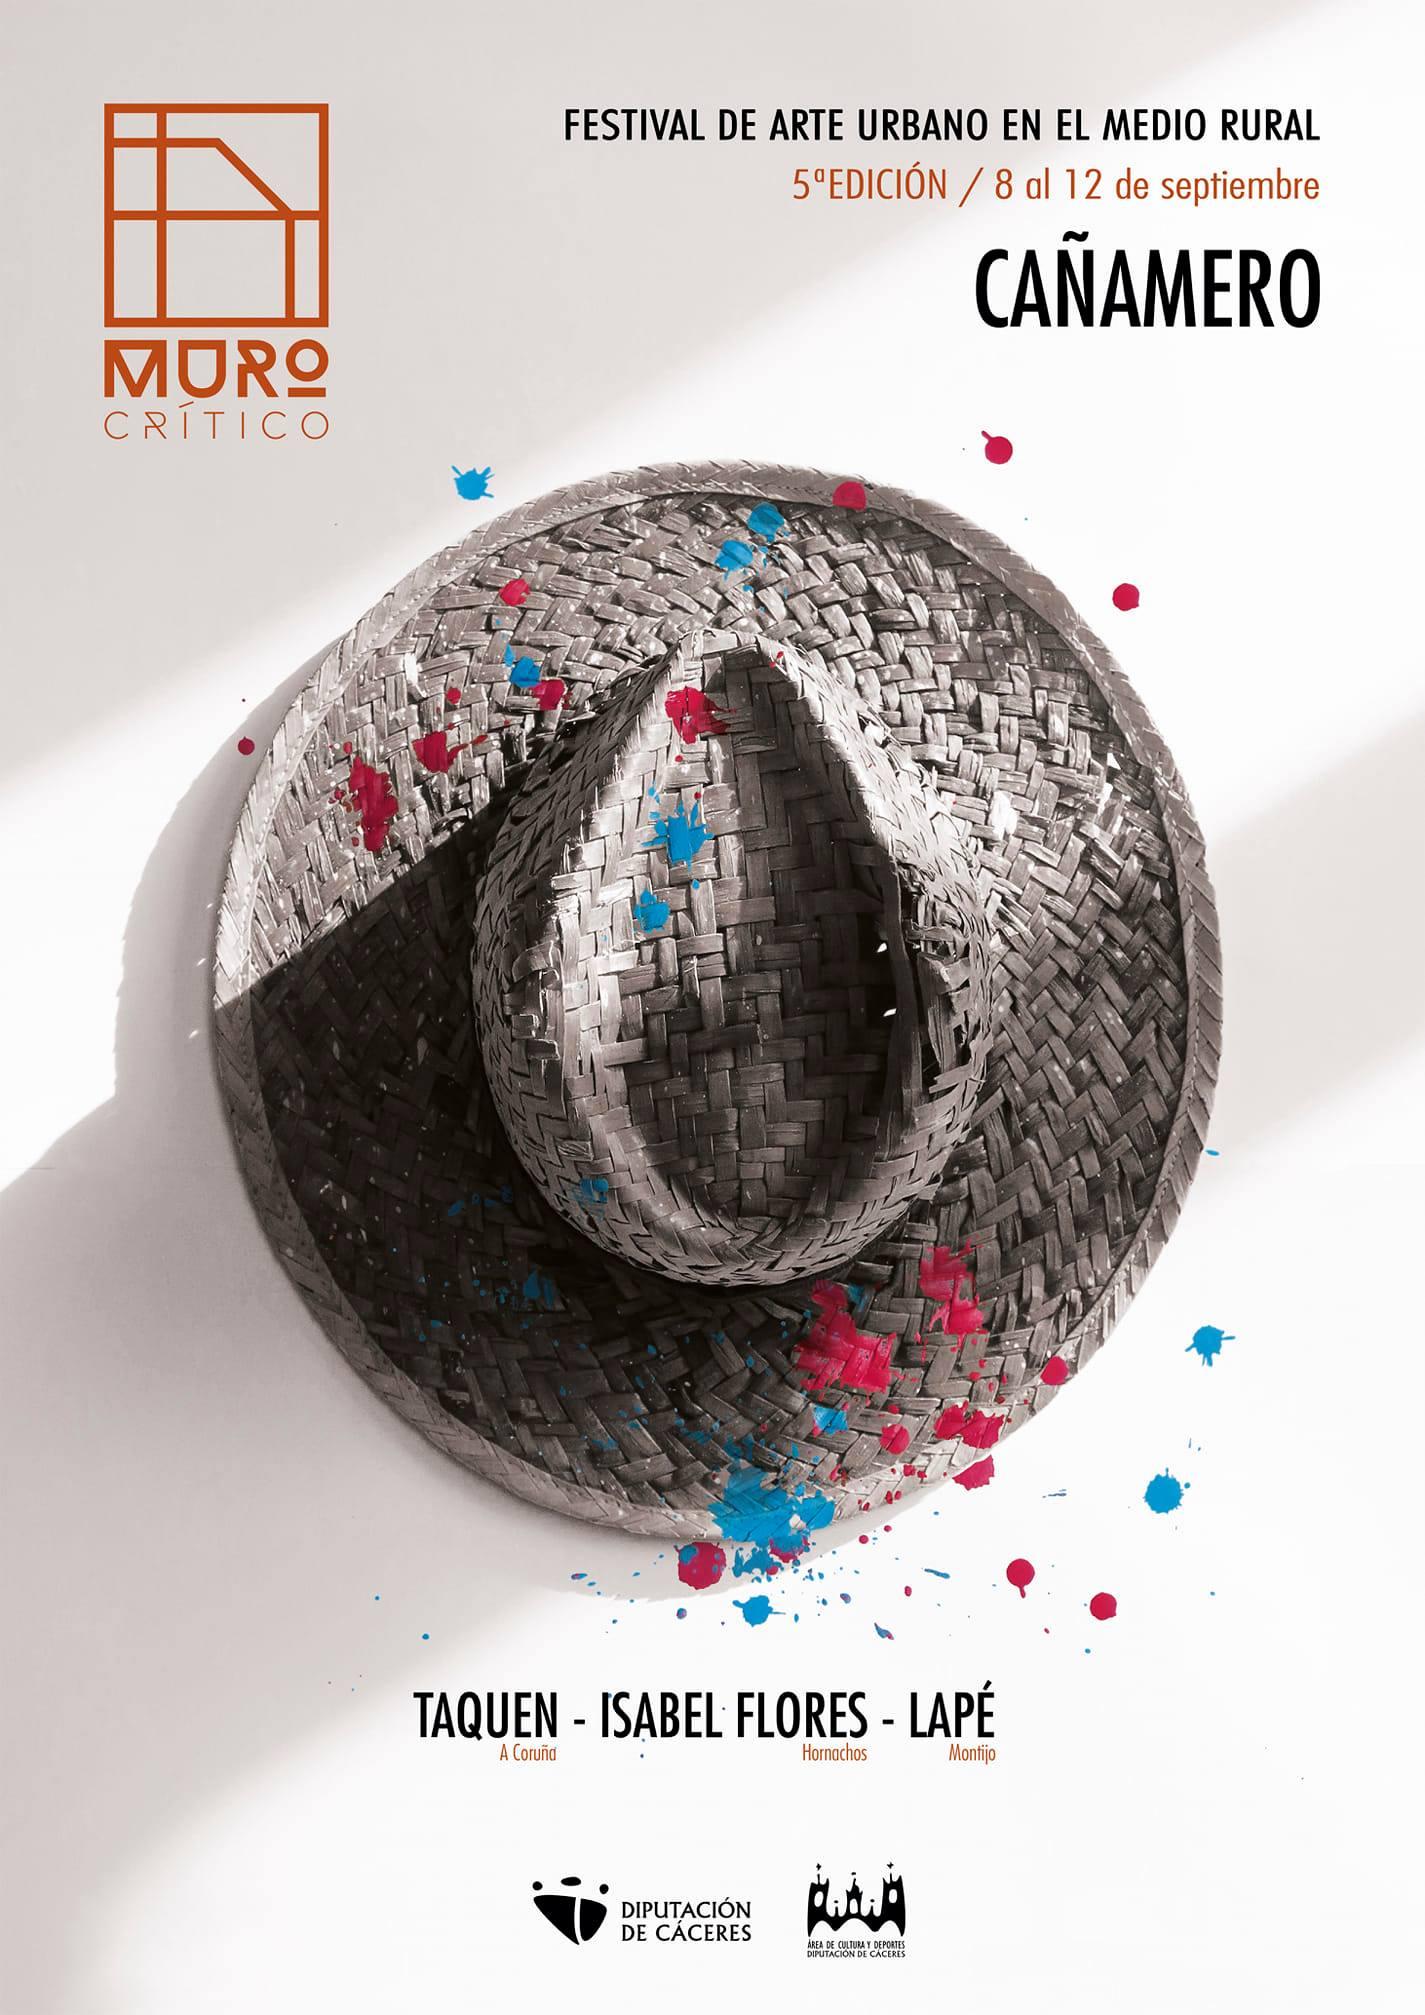 Festival de arte urbano en el medio rural (2020) - Cañamero (Cáceres)